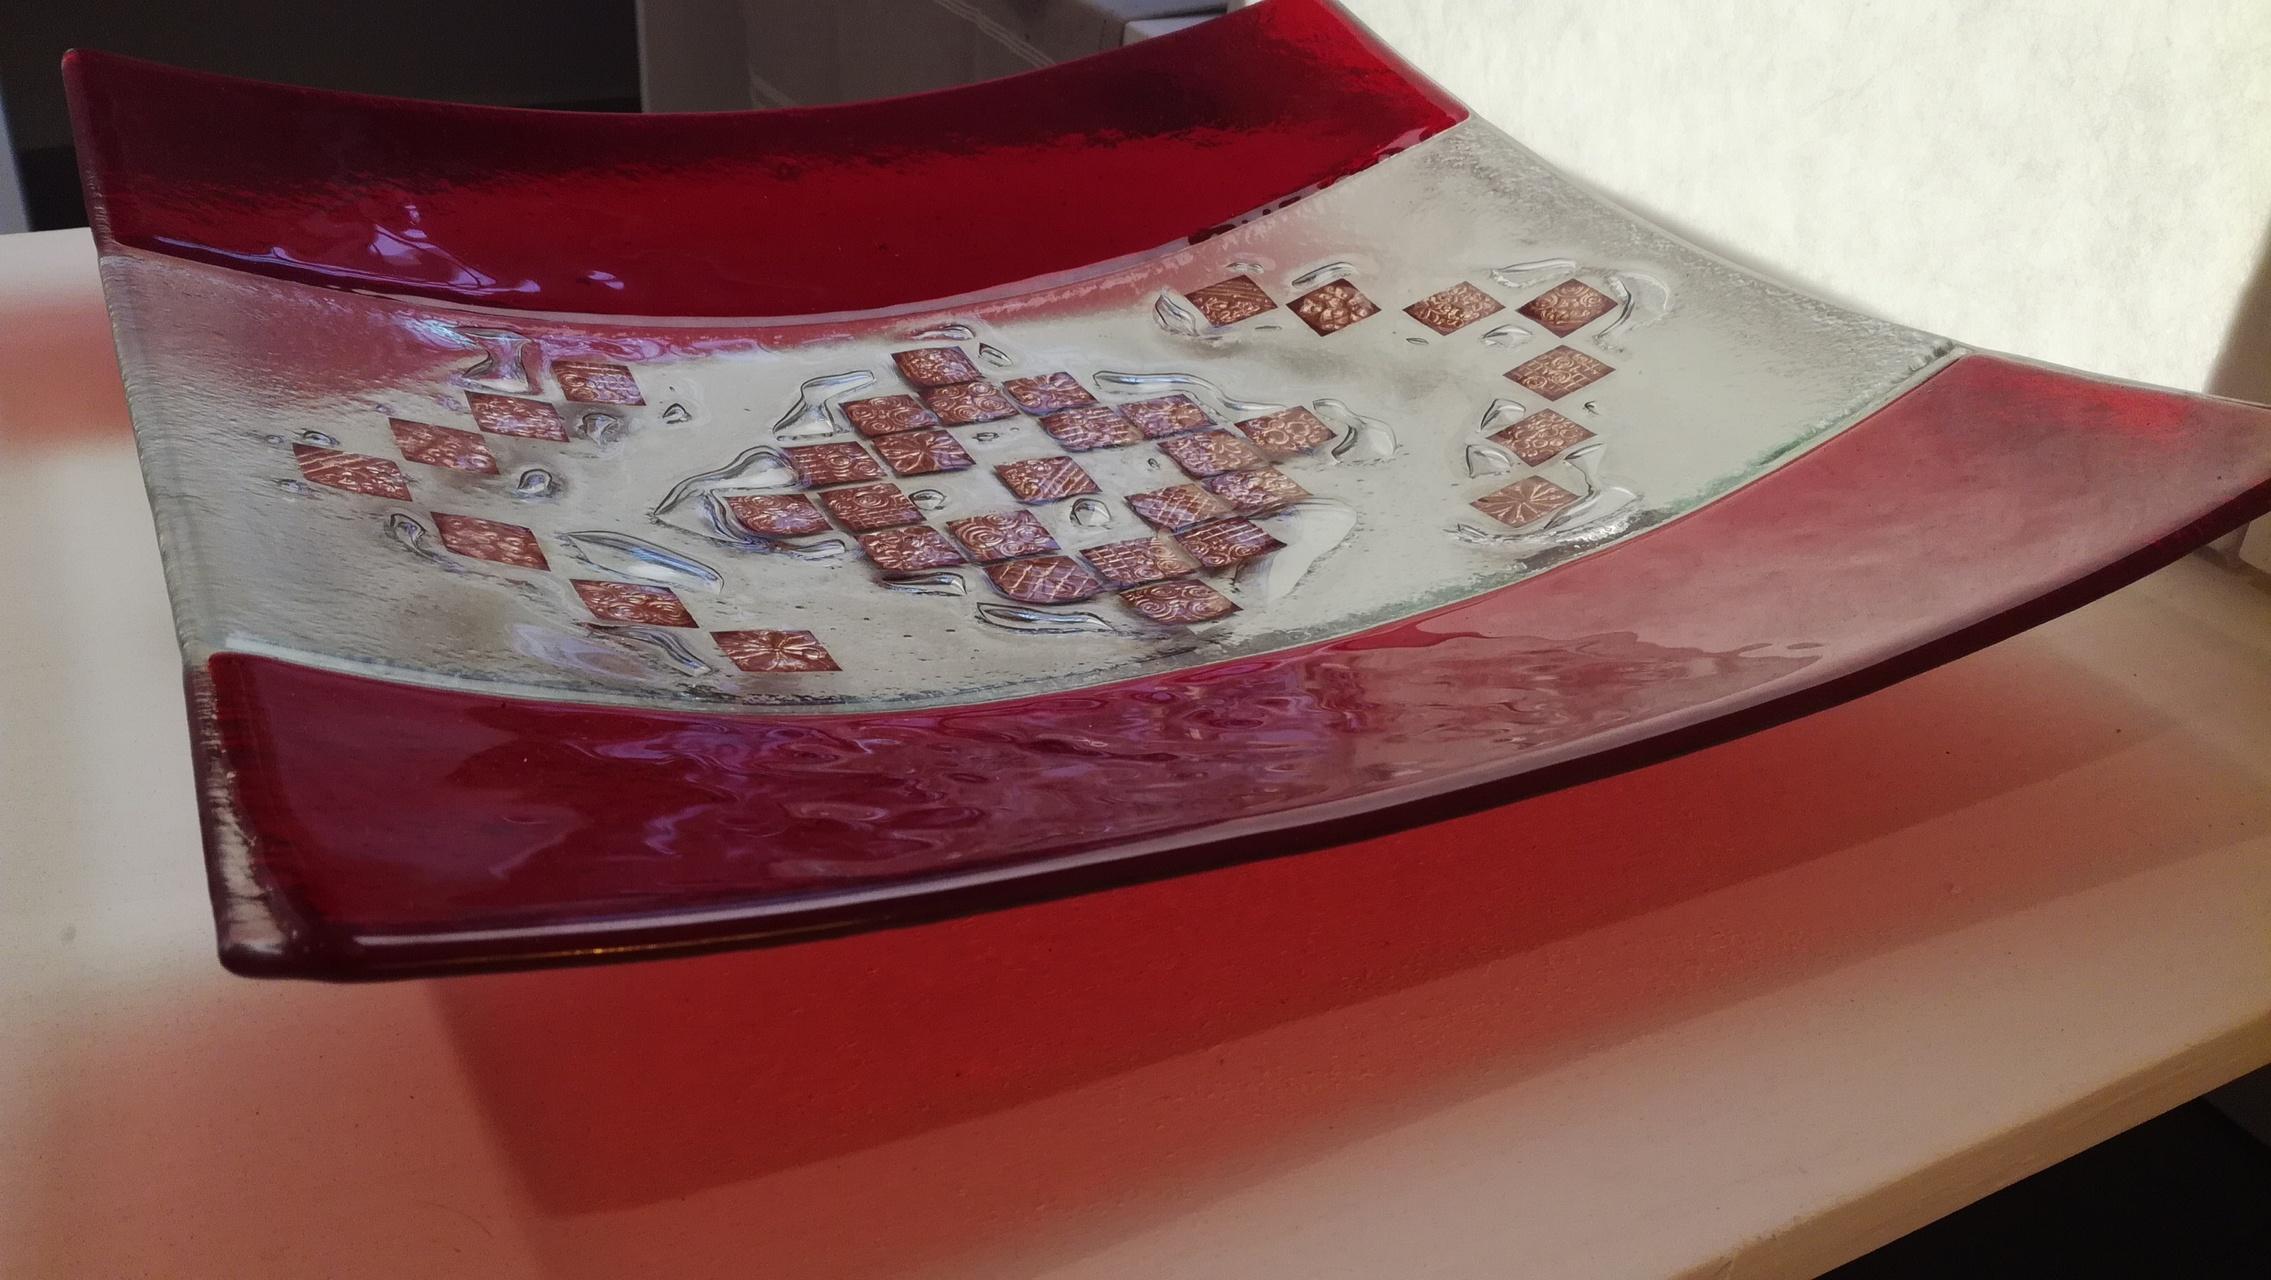 simonetta-liscia-glass-craftsmen-quartu-sant-elena-cagliari-thumbnail